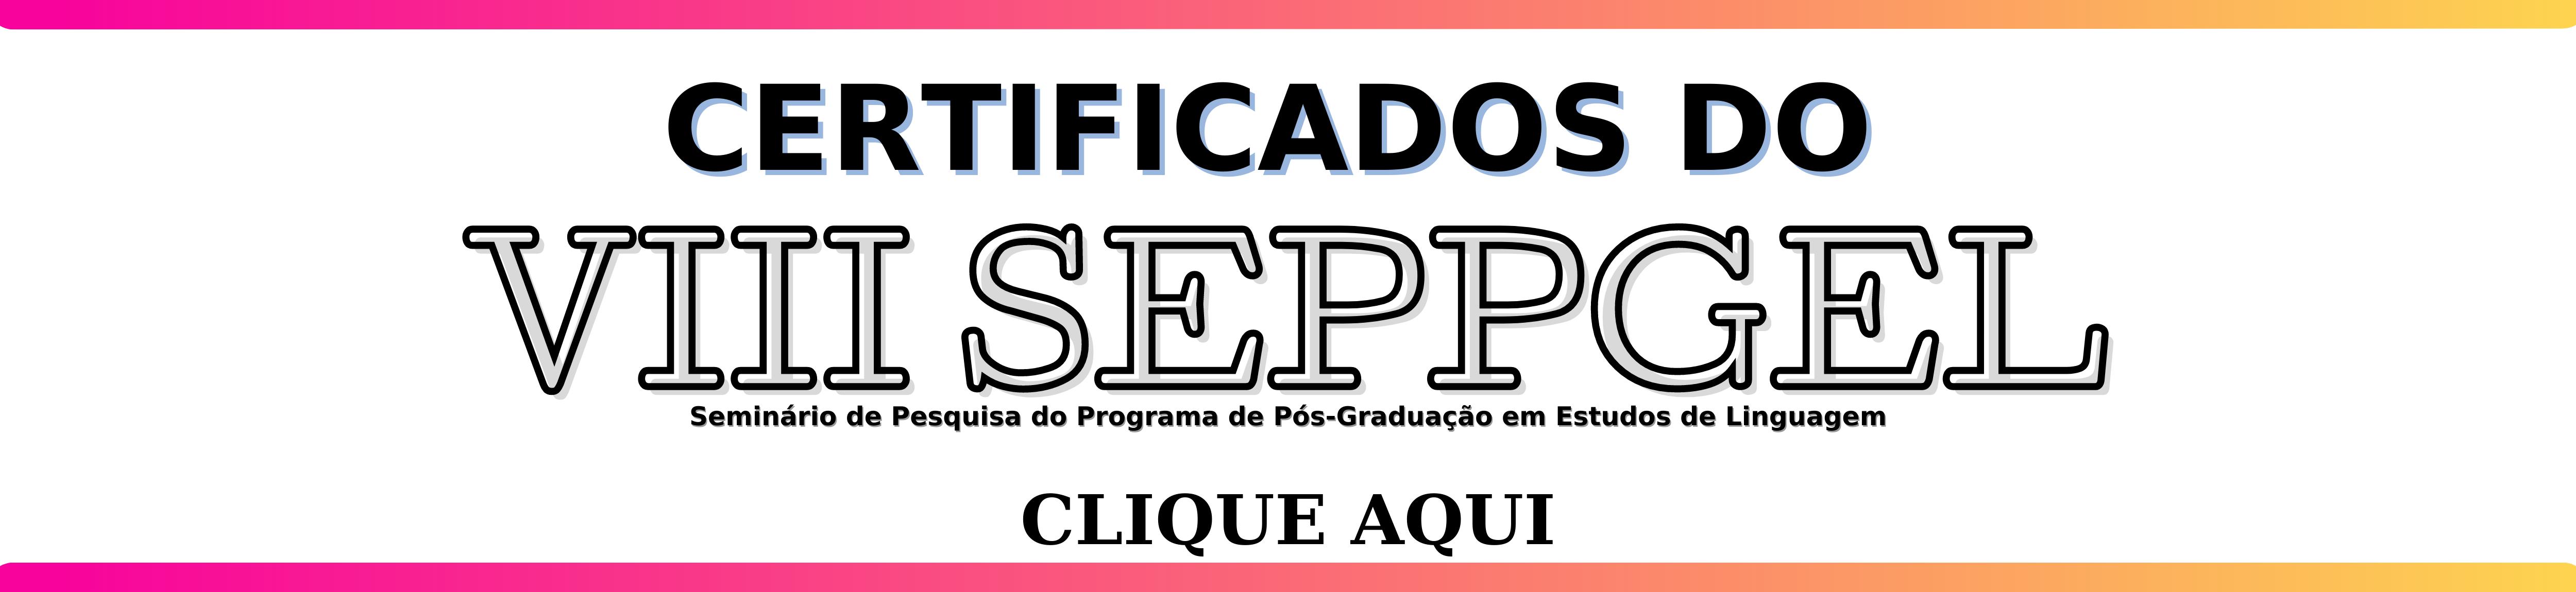 Certificados disponíveis - VIII SEPPGEL